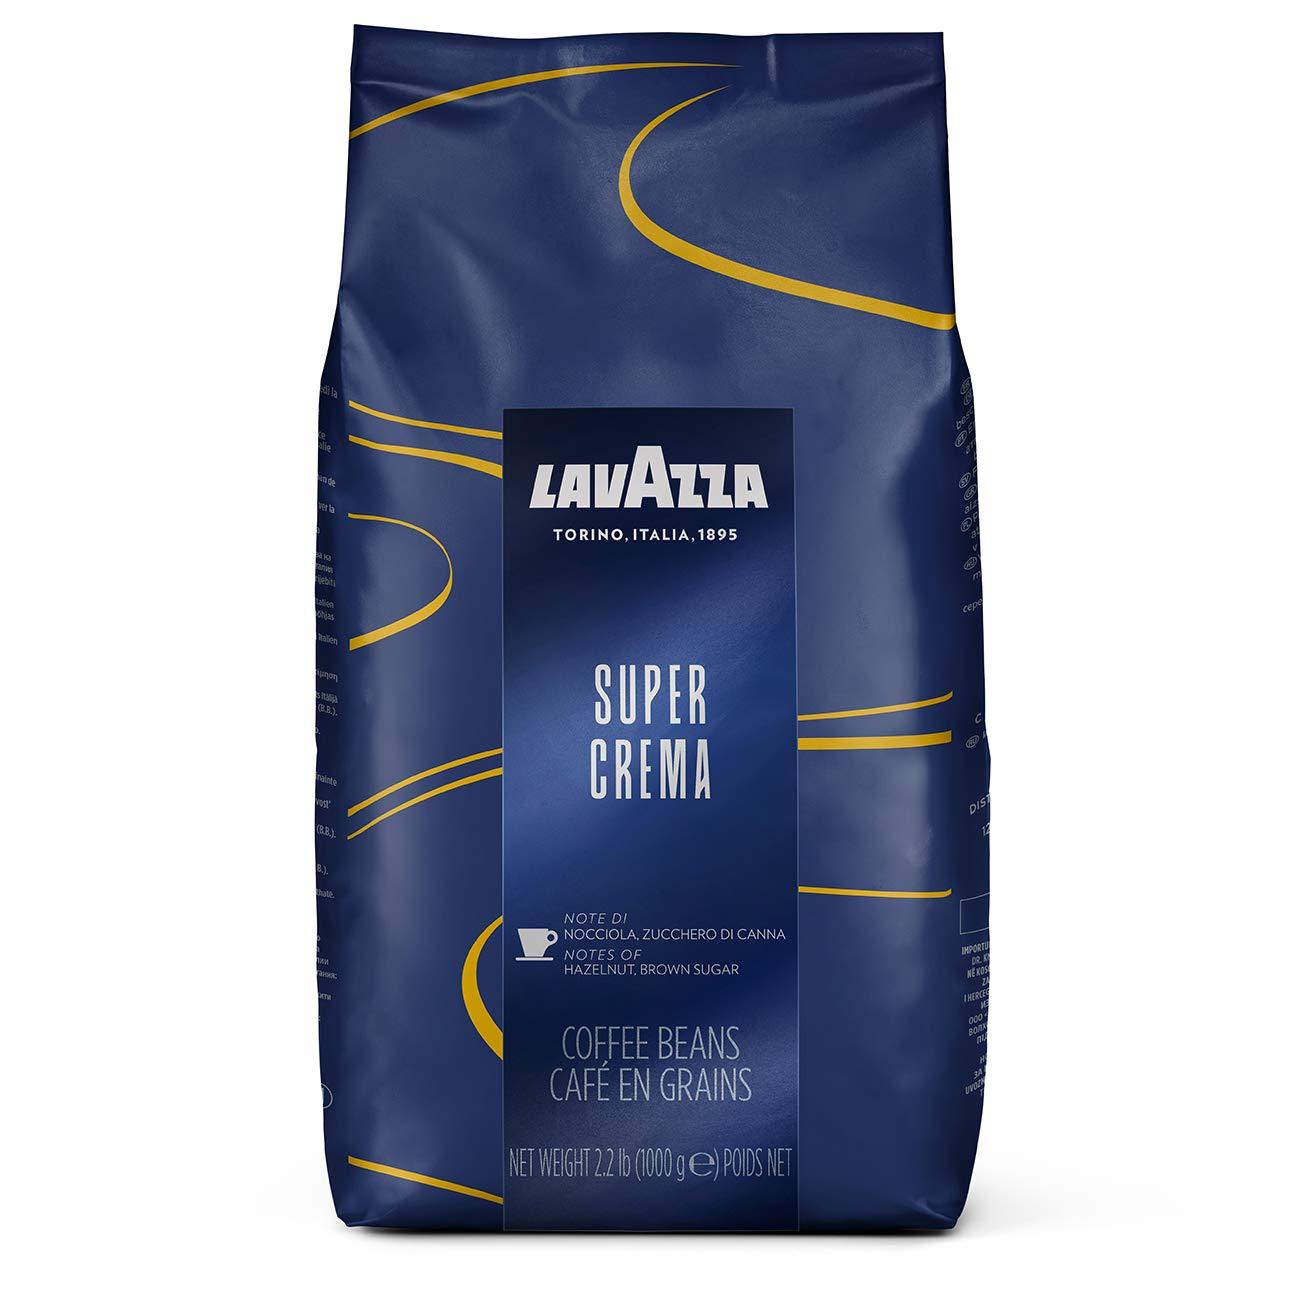 Lavazza-super-crema-caffè-amazon